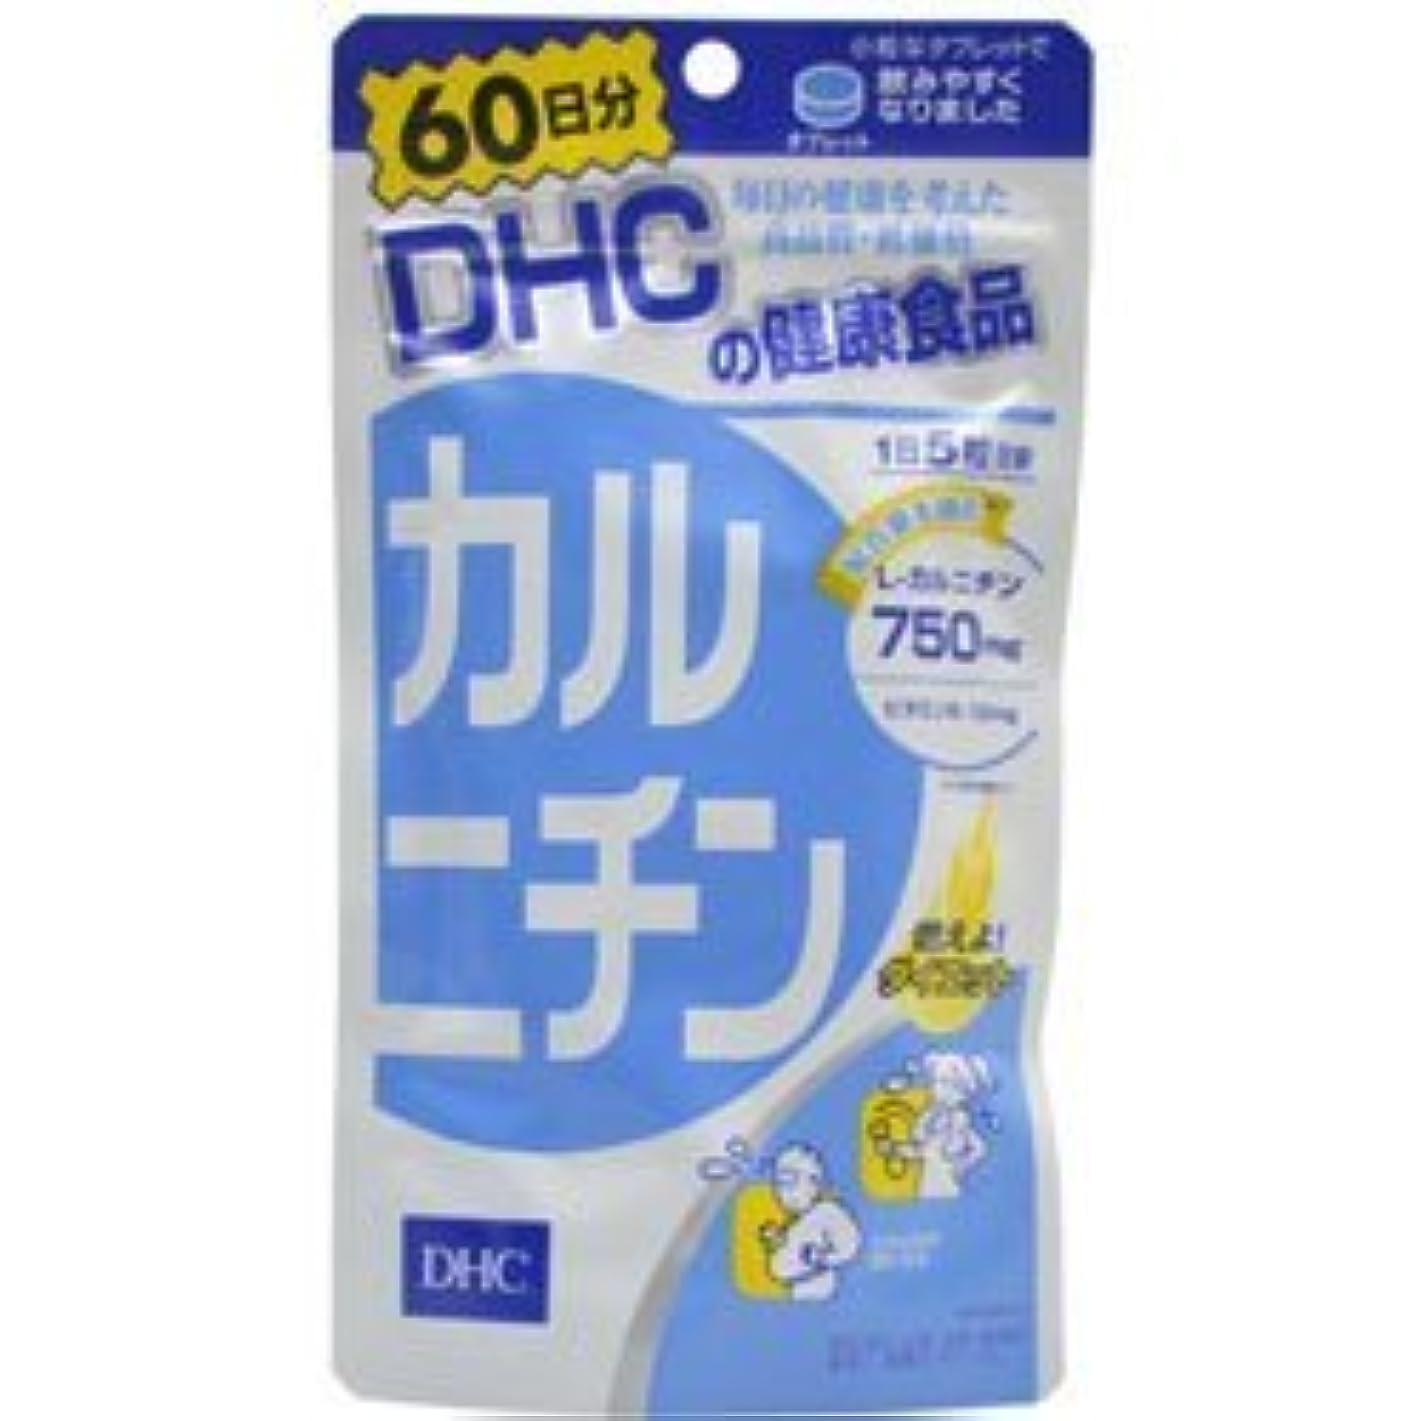 【DHC】カルニチン 60日分 (300粒) ×20個セット